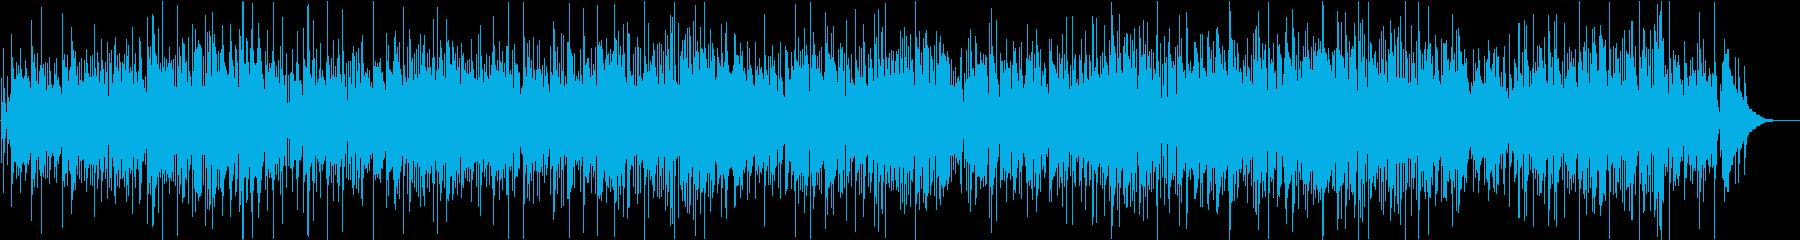 ウッドベースが効いてる爽やかジャズボッサの再生済みの波形